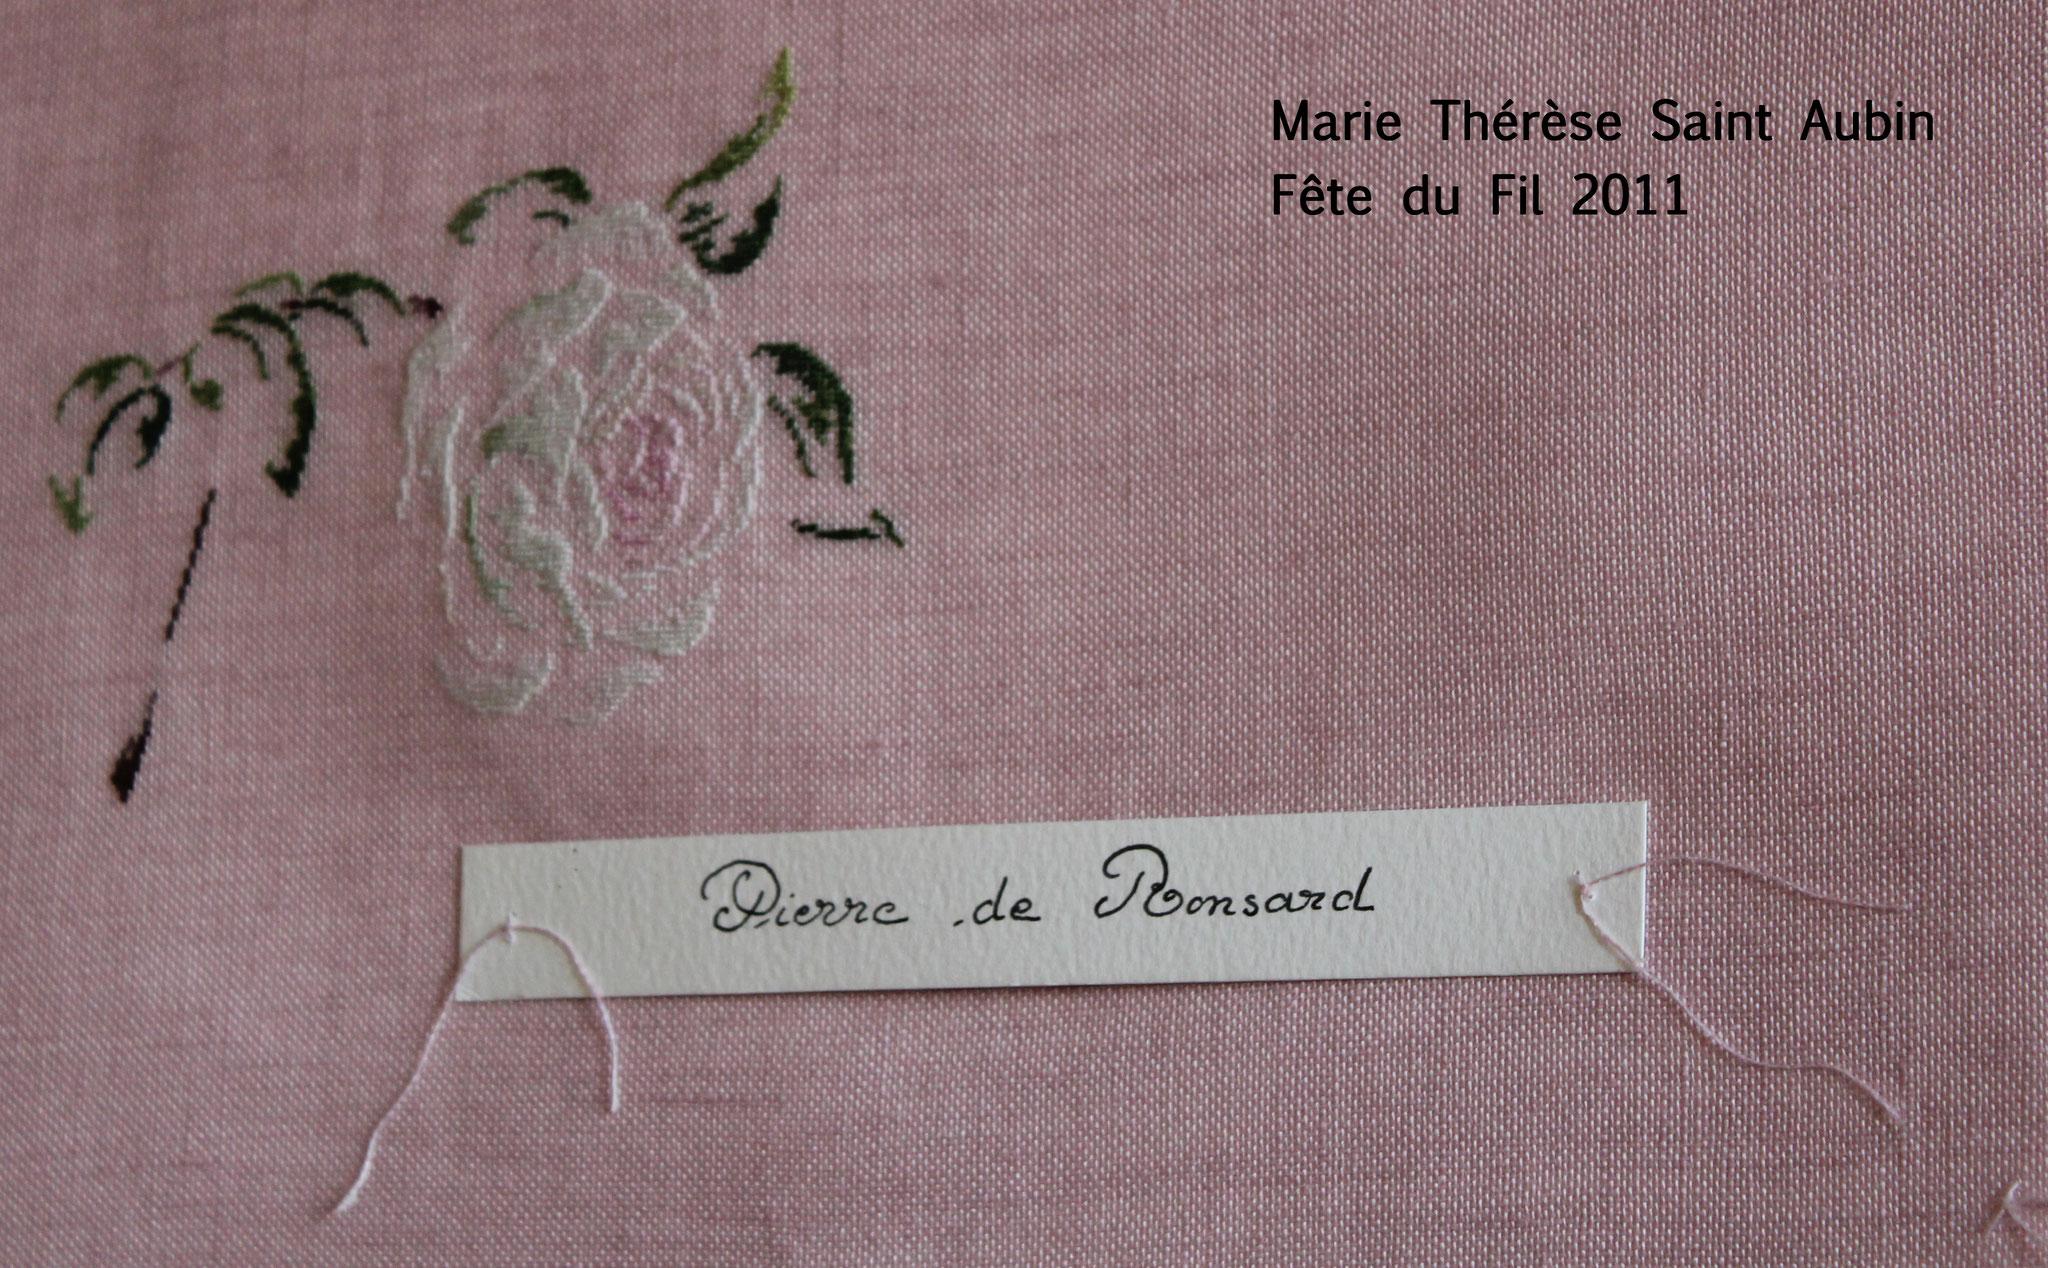 Marie Thérèse Saint Aubin, broderie. Fête du Fil 2011  Labastide Rouairoux (tarn-81270) FRANCE